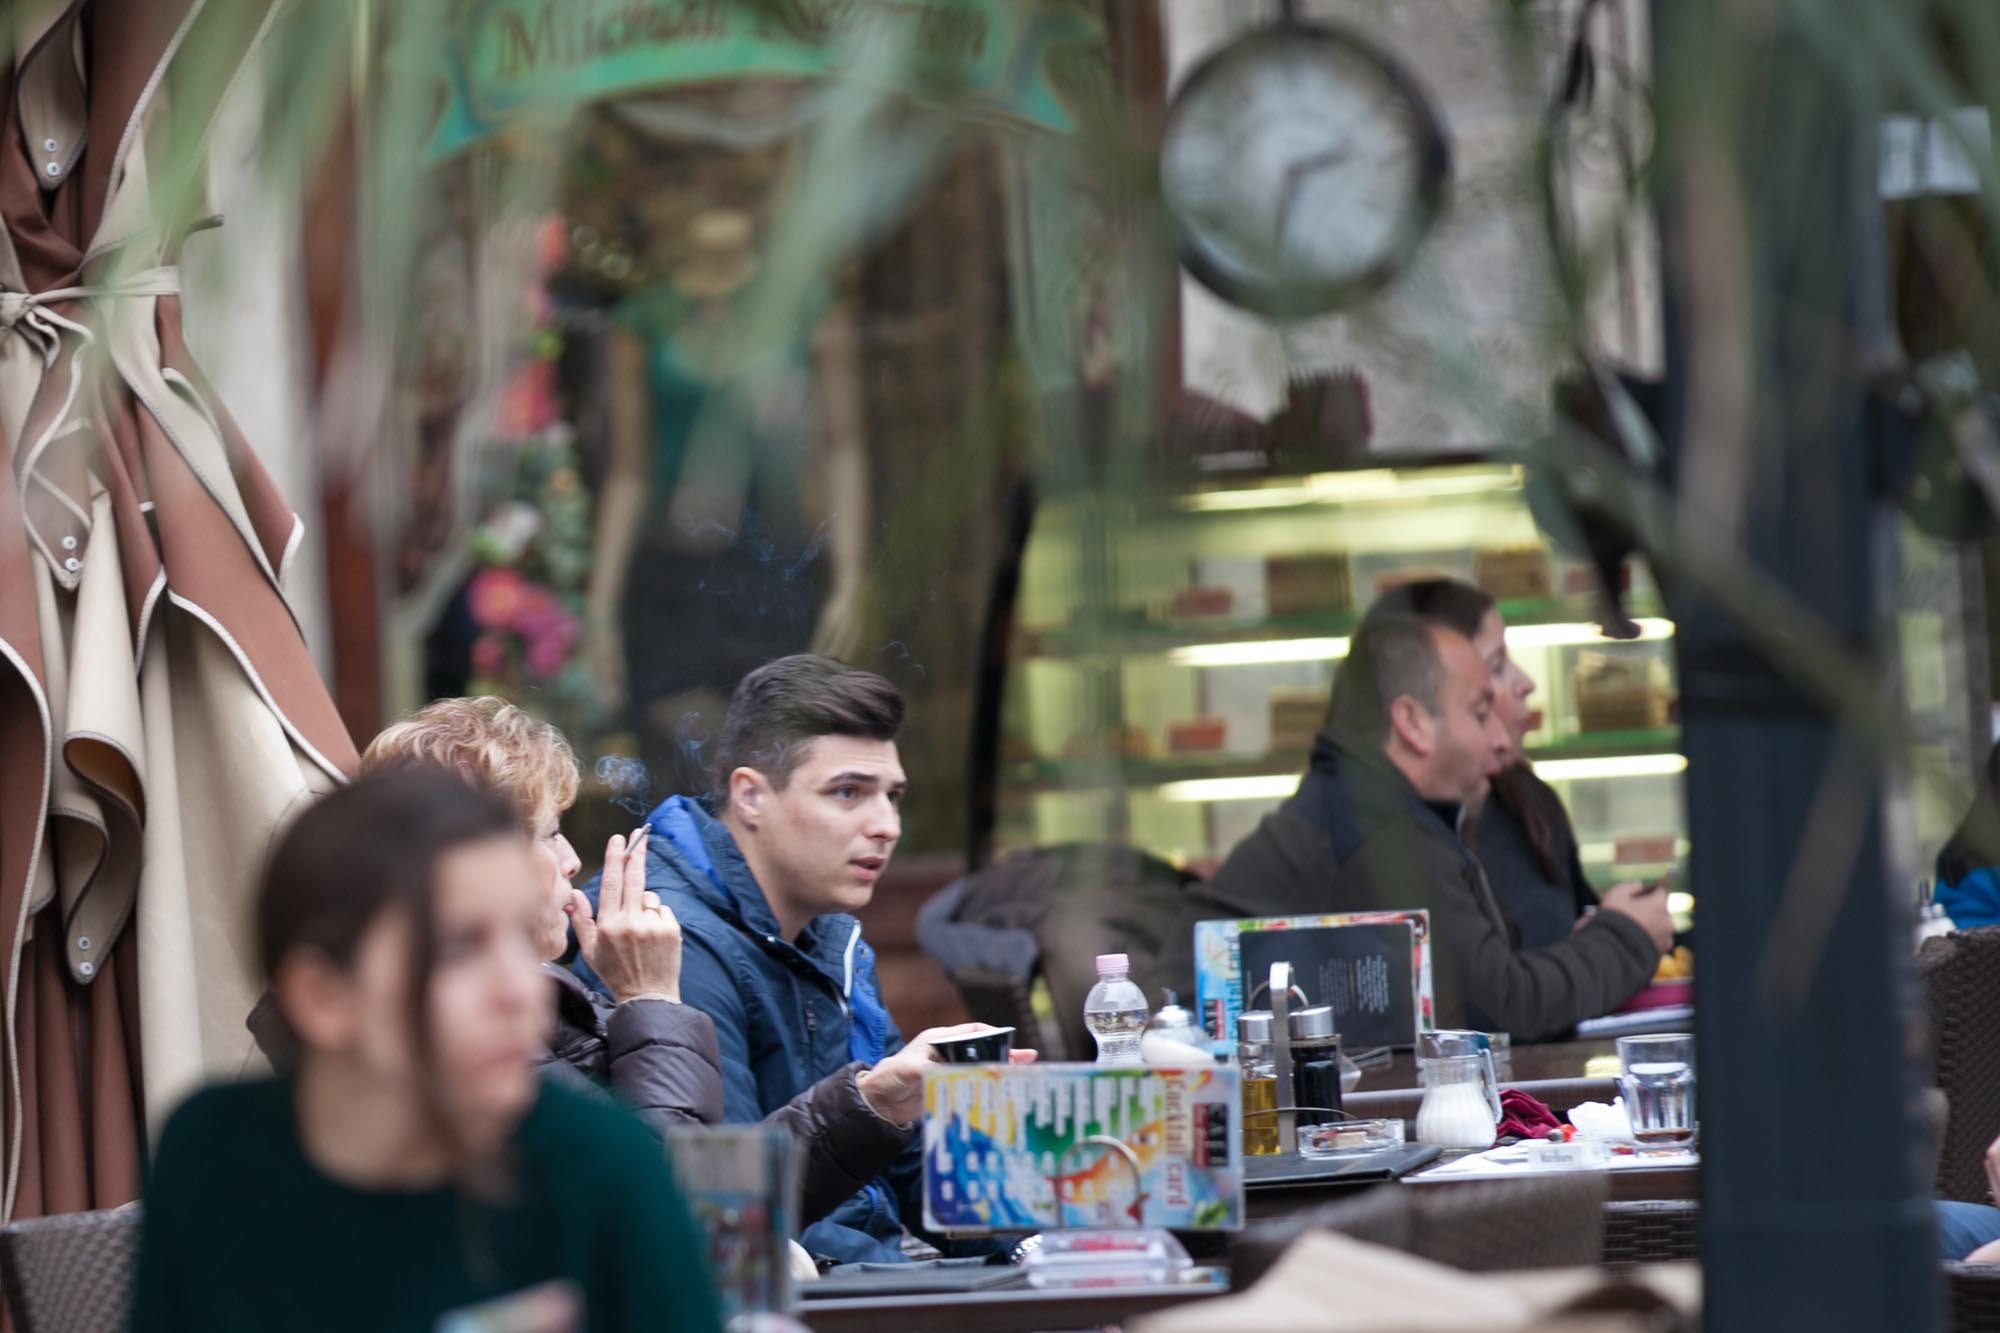 Kotor cafe patrons